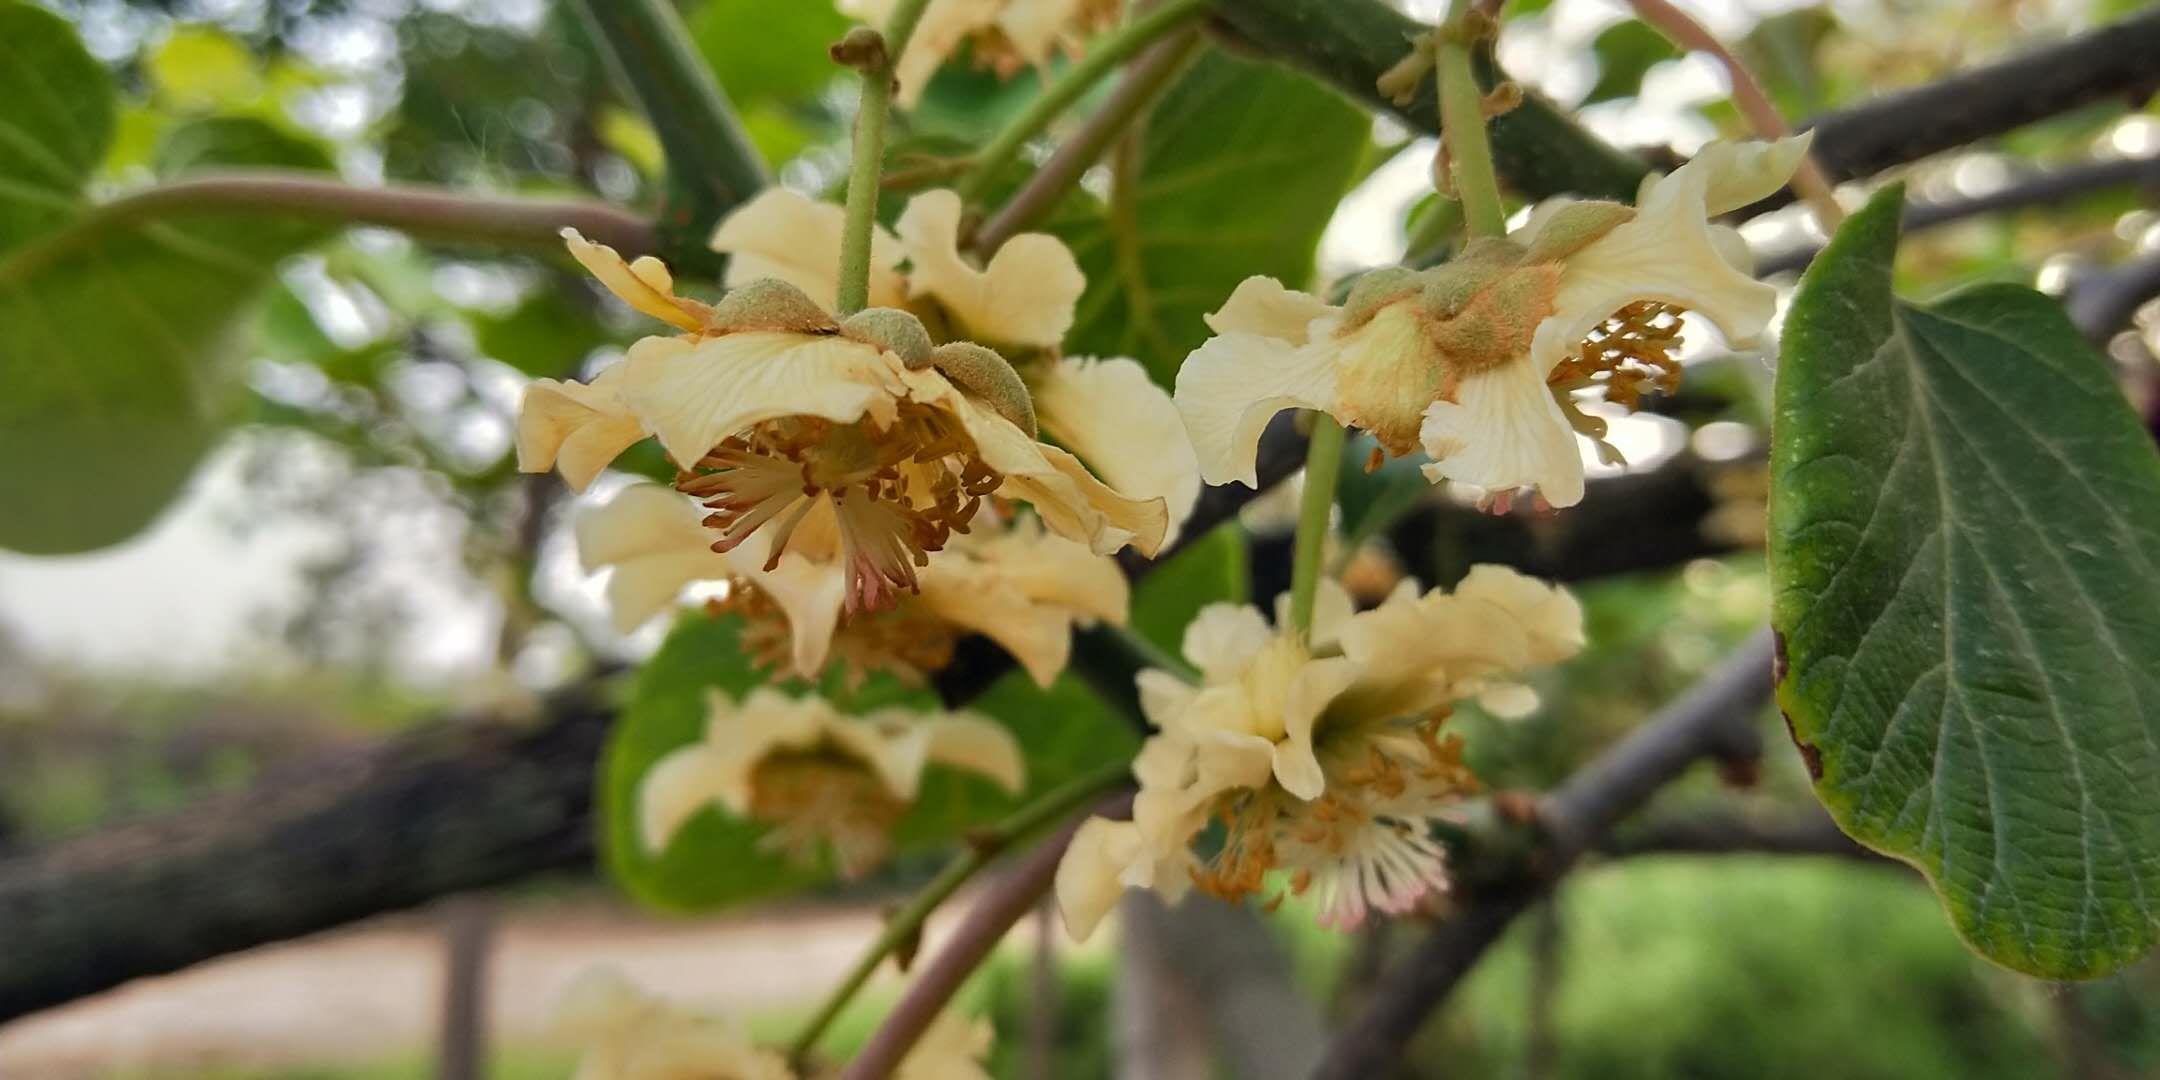 周至县目前好多人收花粉,花苞